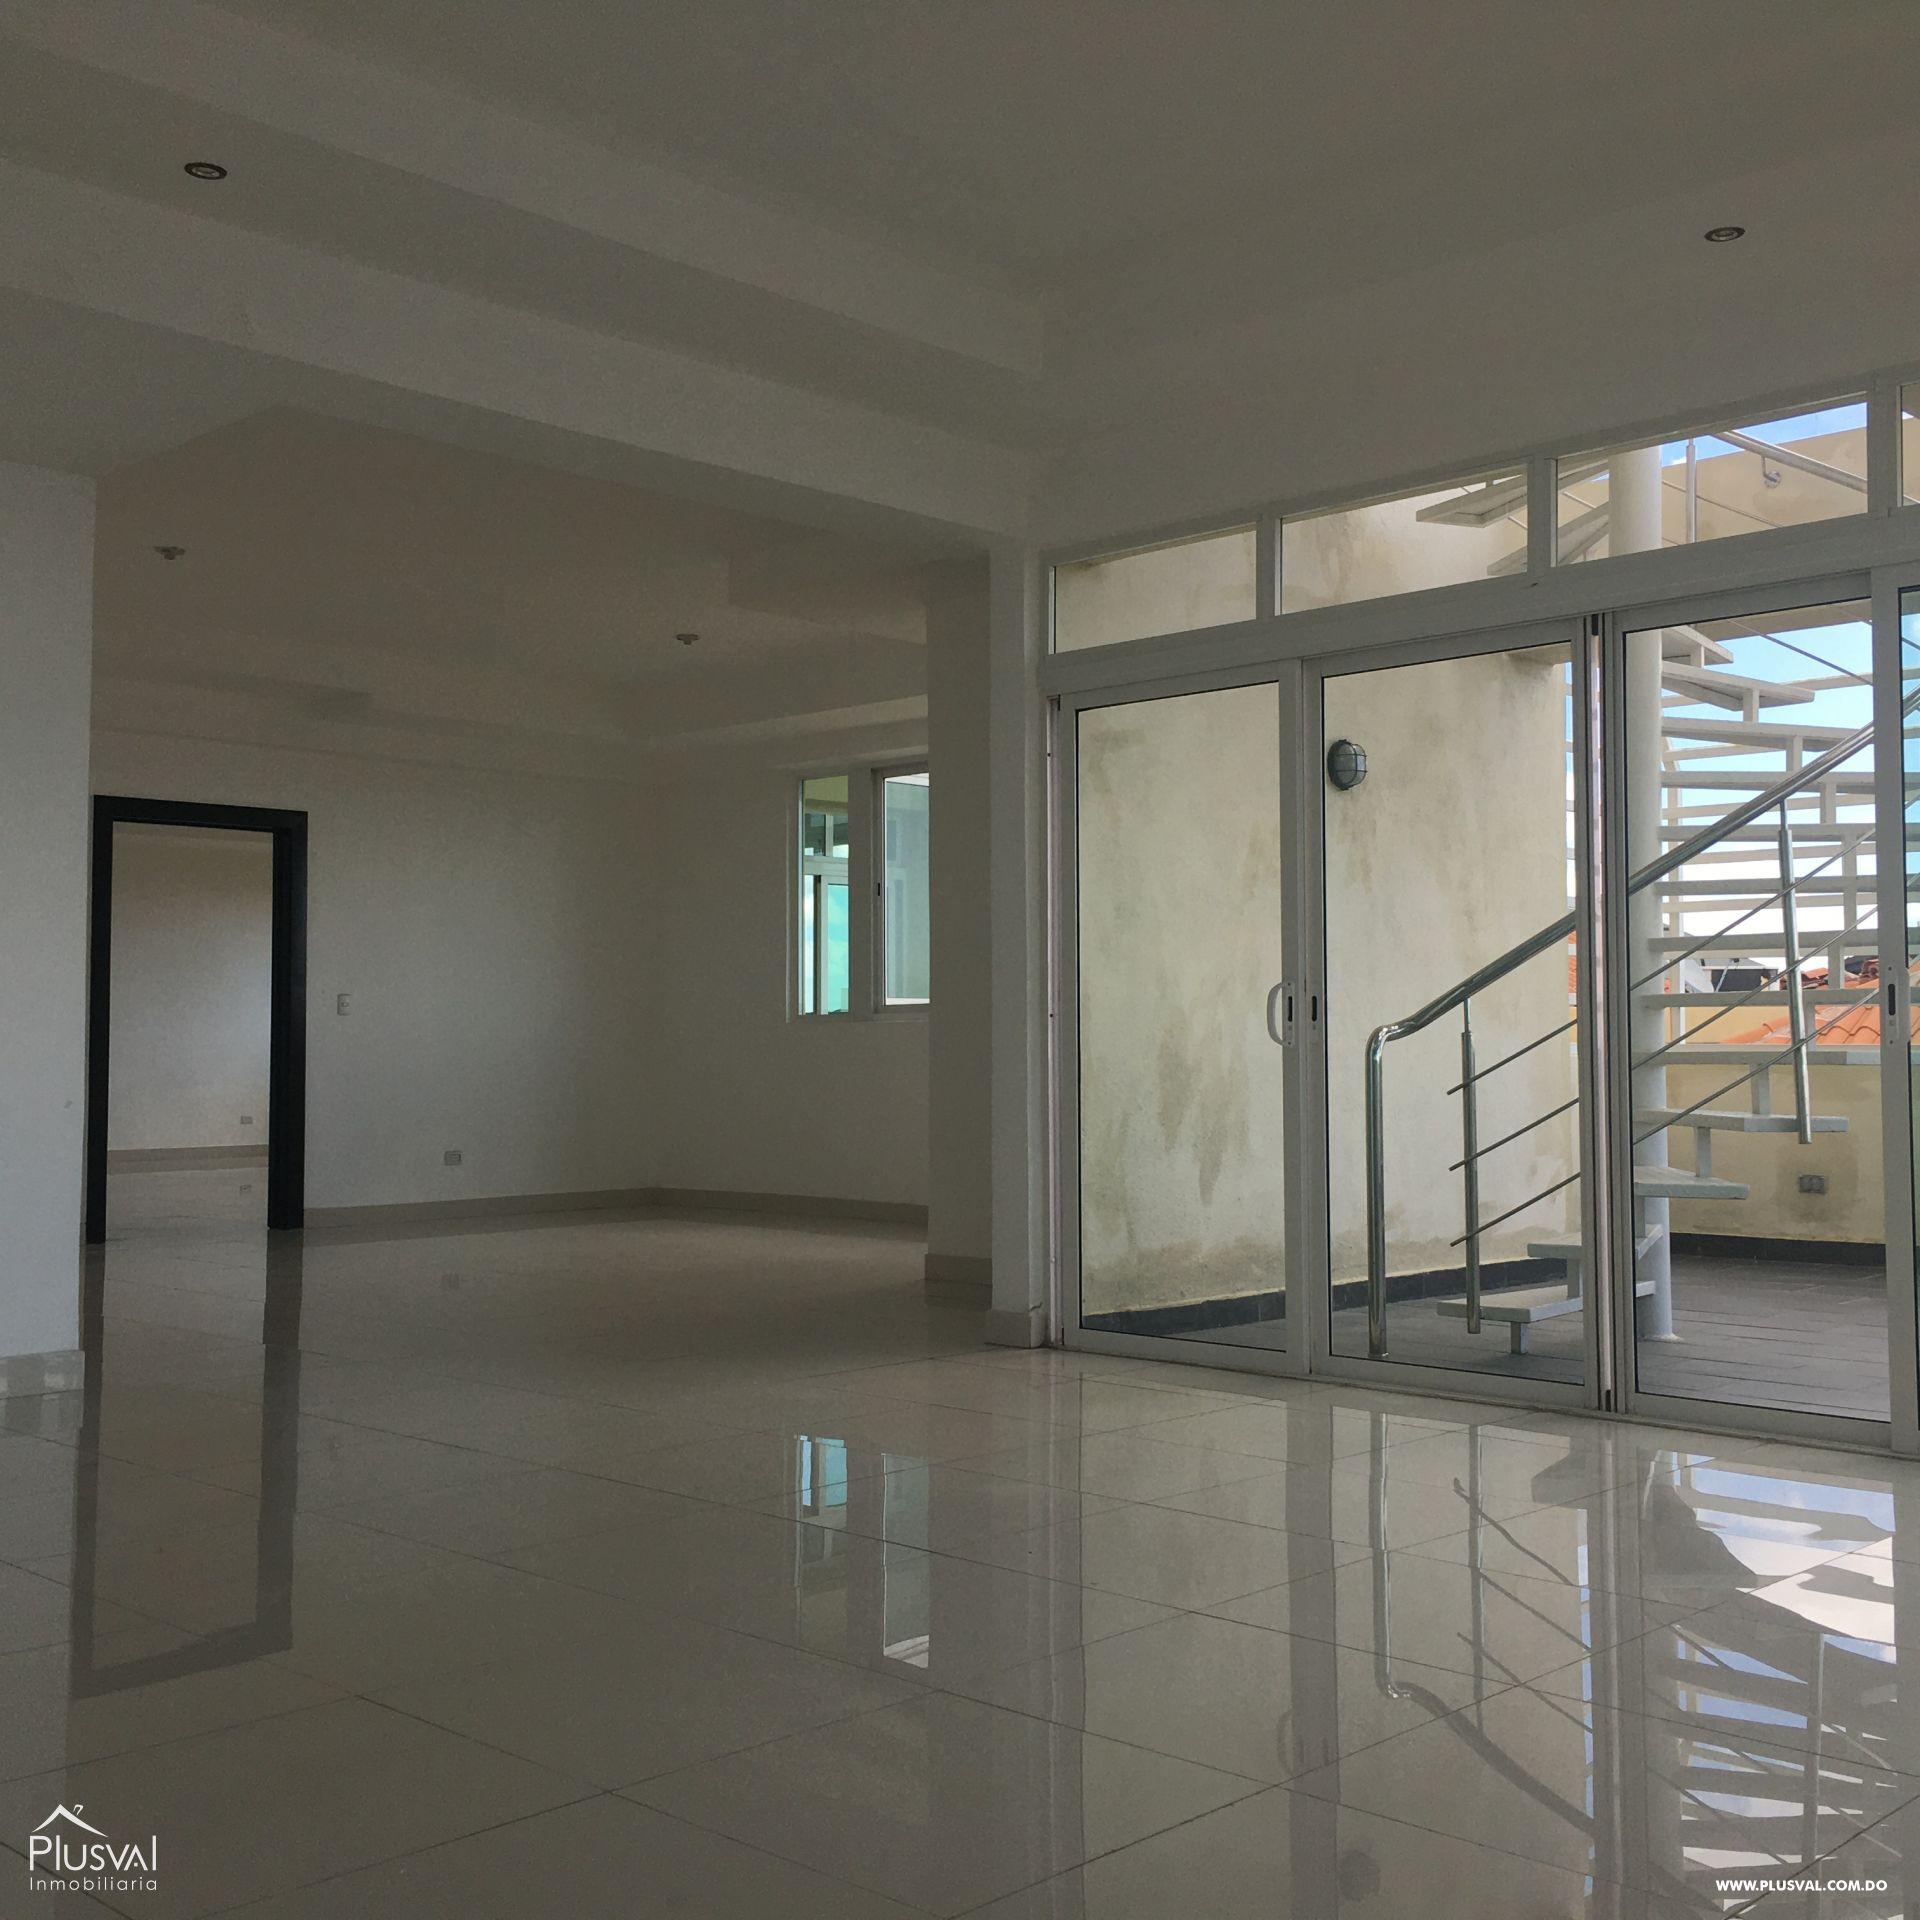 Penthouse en venta, Mirador Norte 169505